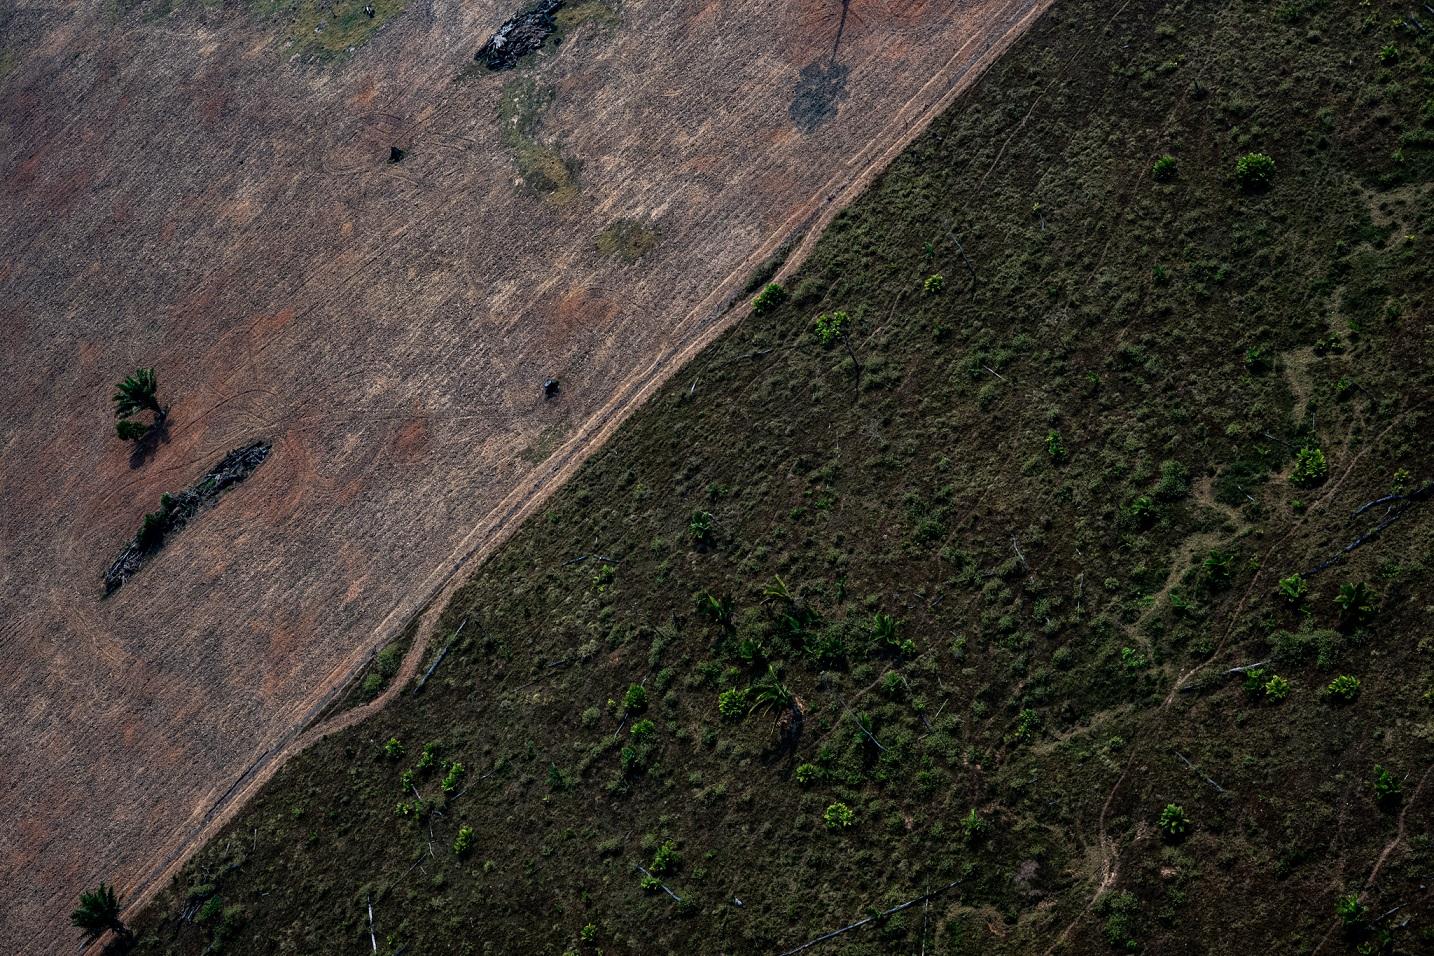 O contraste entre a vegetação natural e uma área com a intervenção das pegadas humanas. Foto Marcio Pimenta